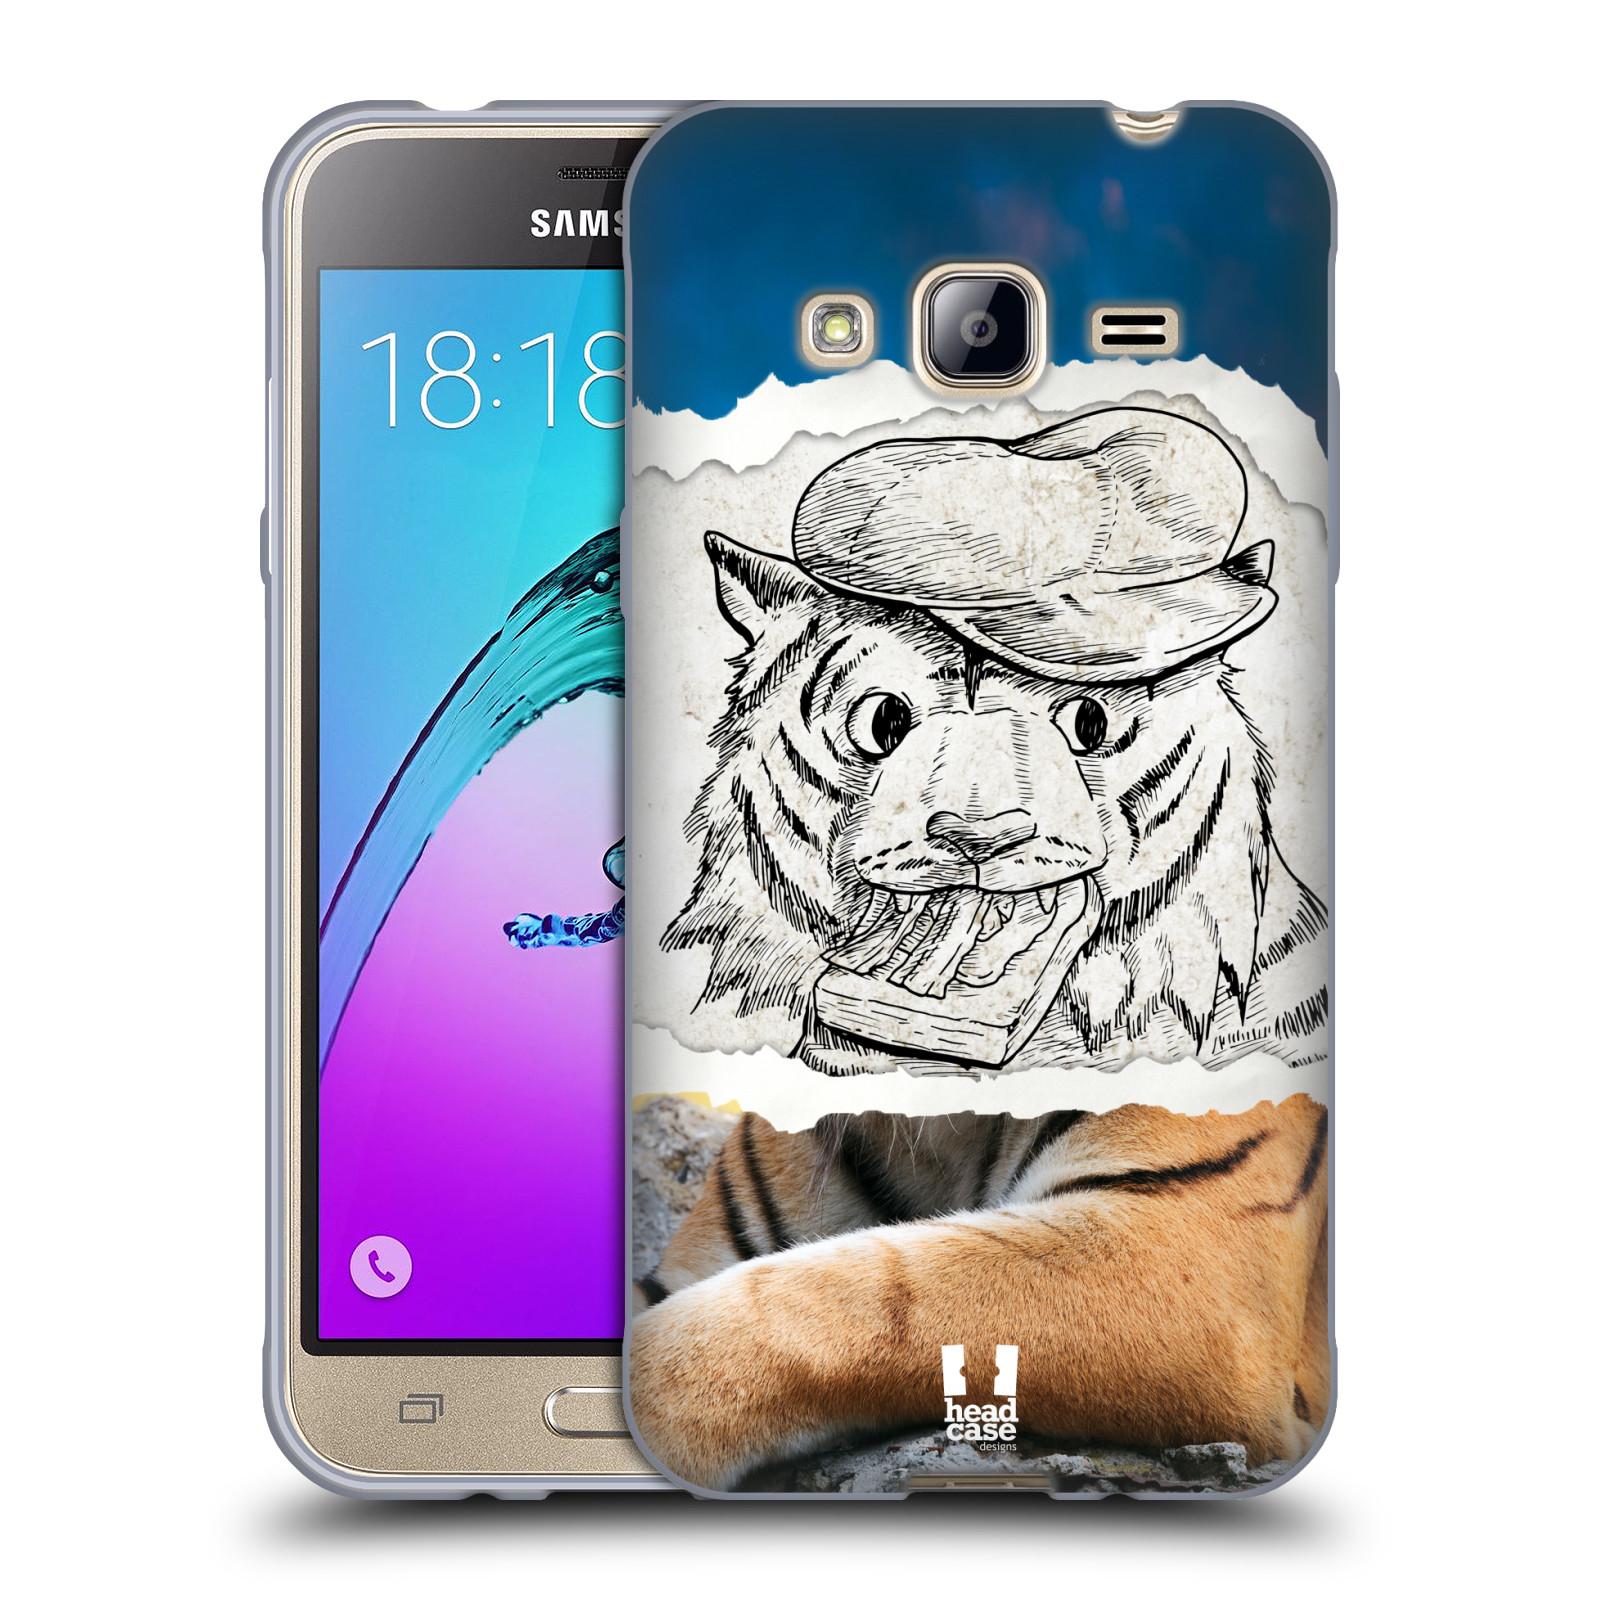 HEAD CASE silikonový obal na mobil Samsung Galaxy J3, J3 2016 vzor zvířata koláž tygr fešák